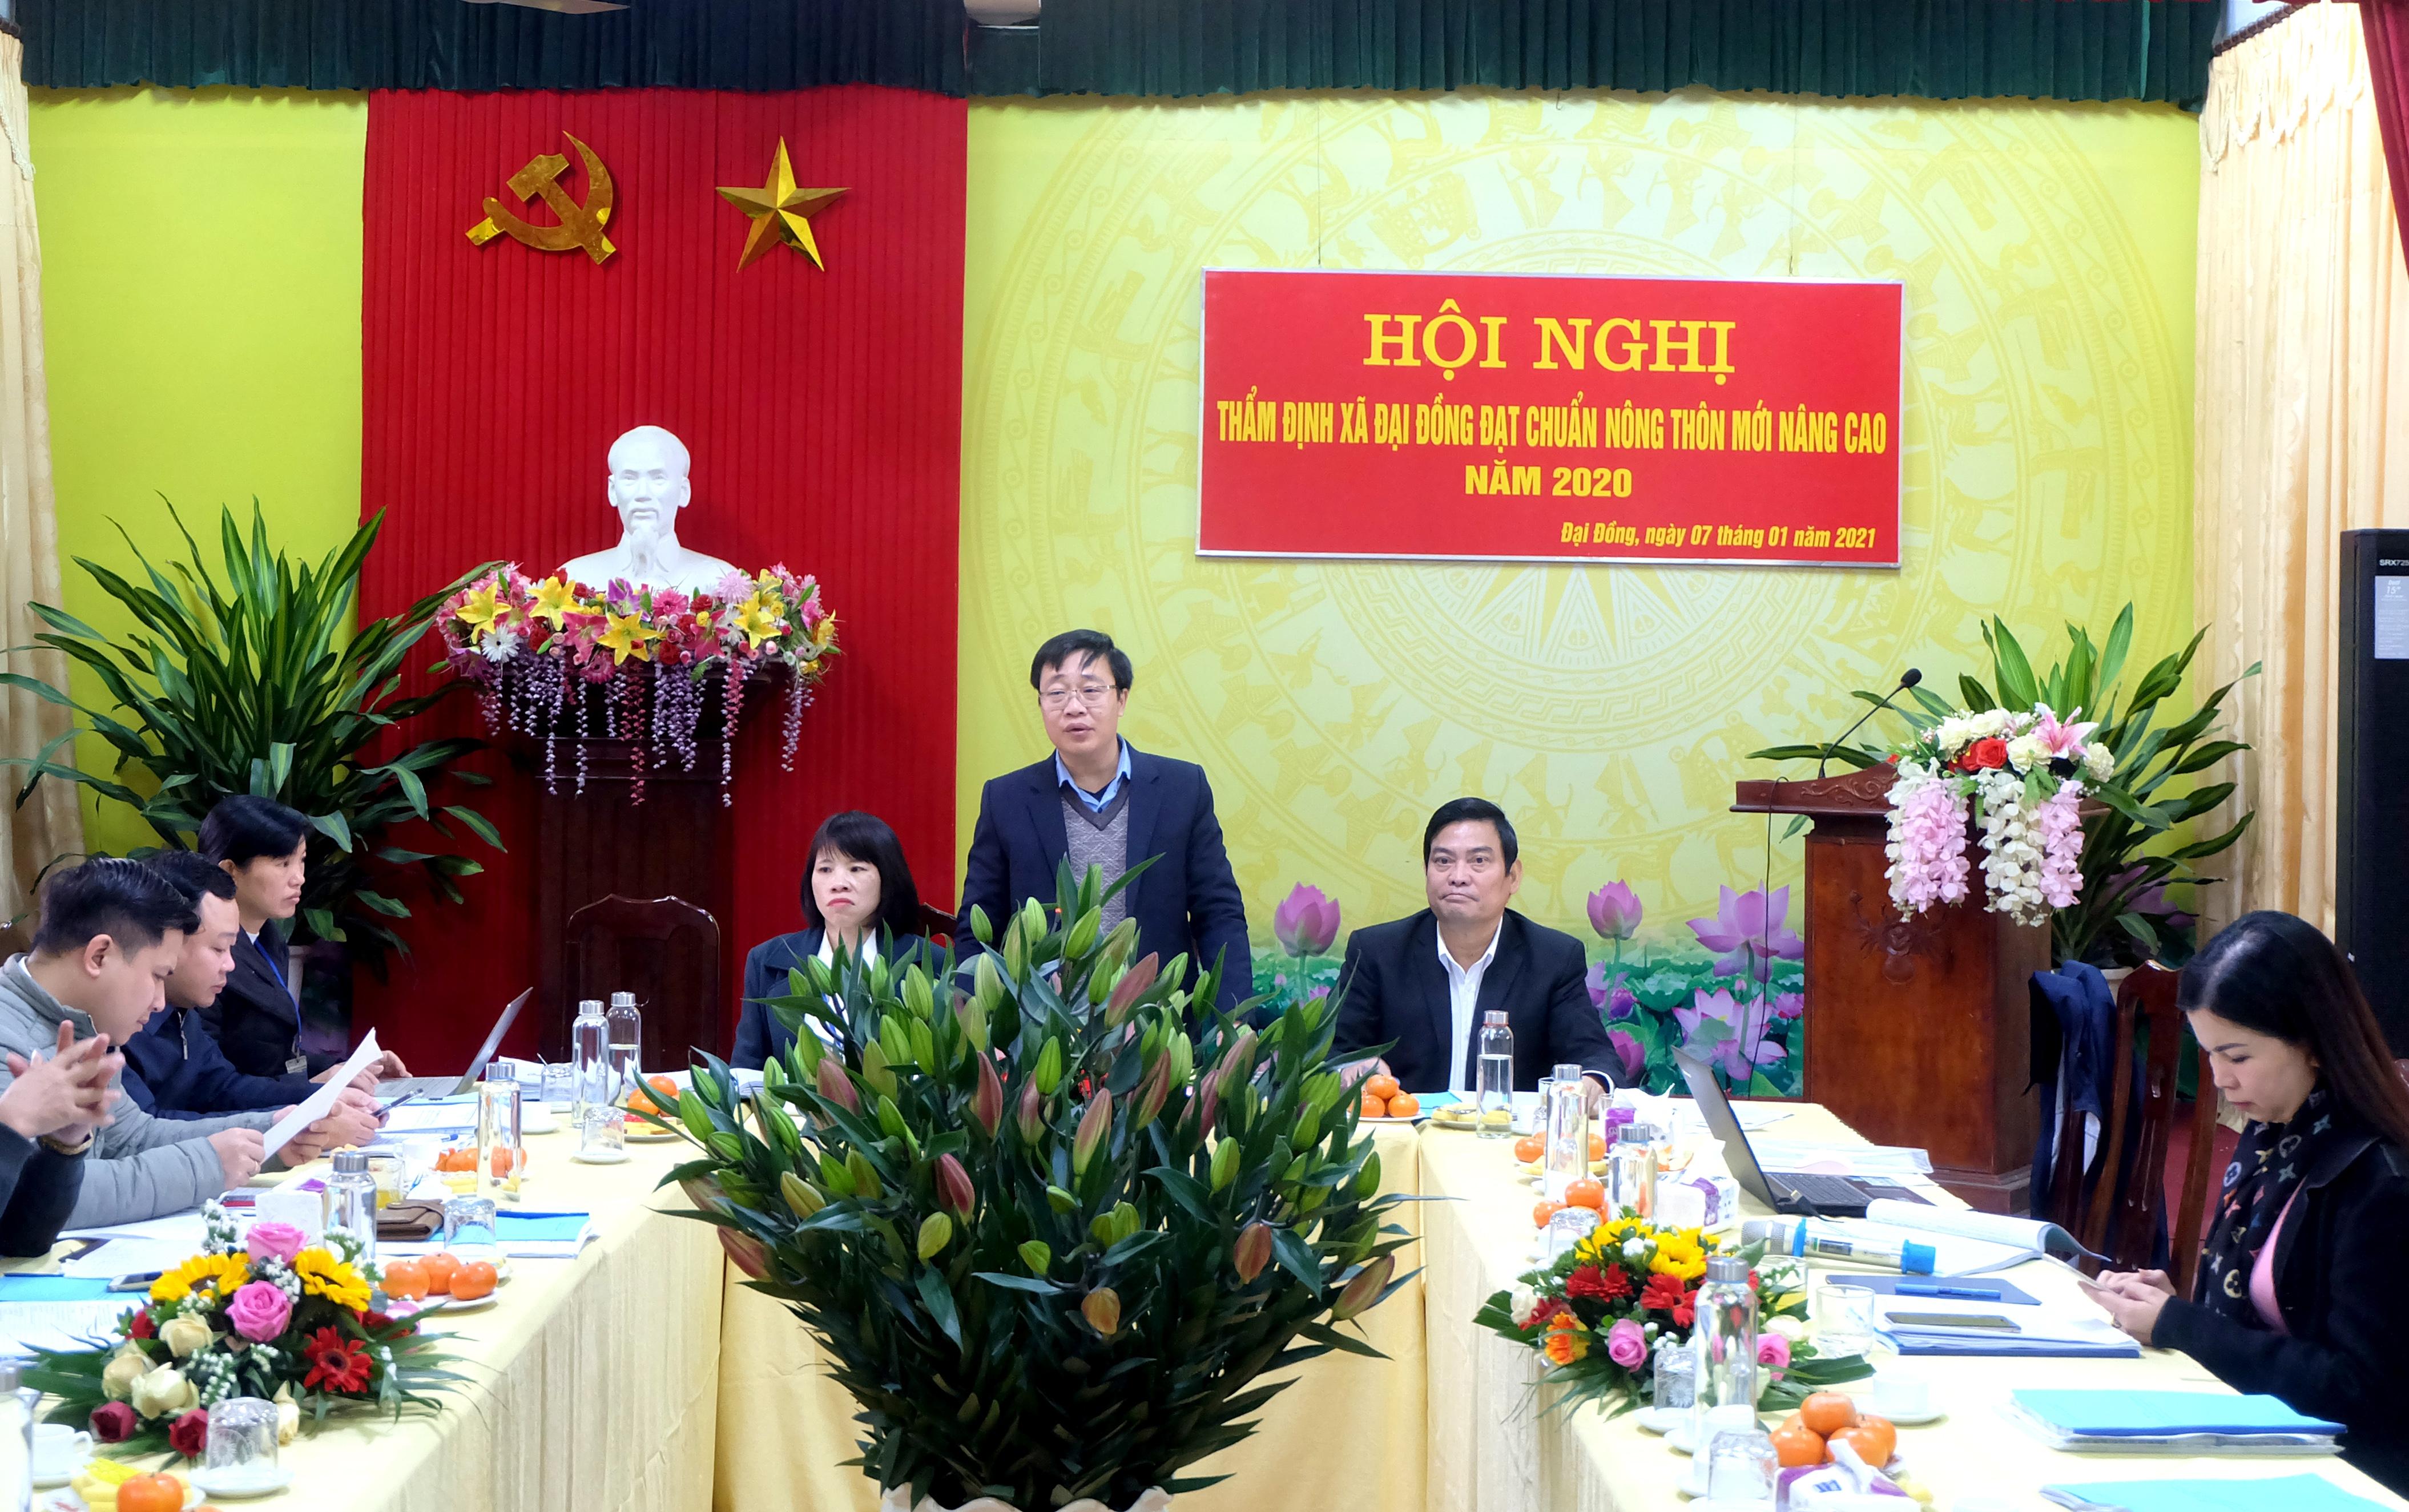 Thẩm định các xã của huyện Thạch Thất, thị xã Sơn Tây đạt chuẩn nông thôn mới nâng cao